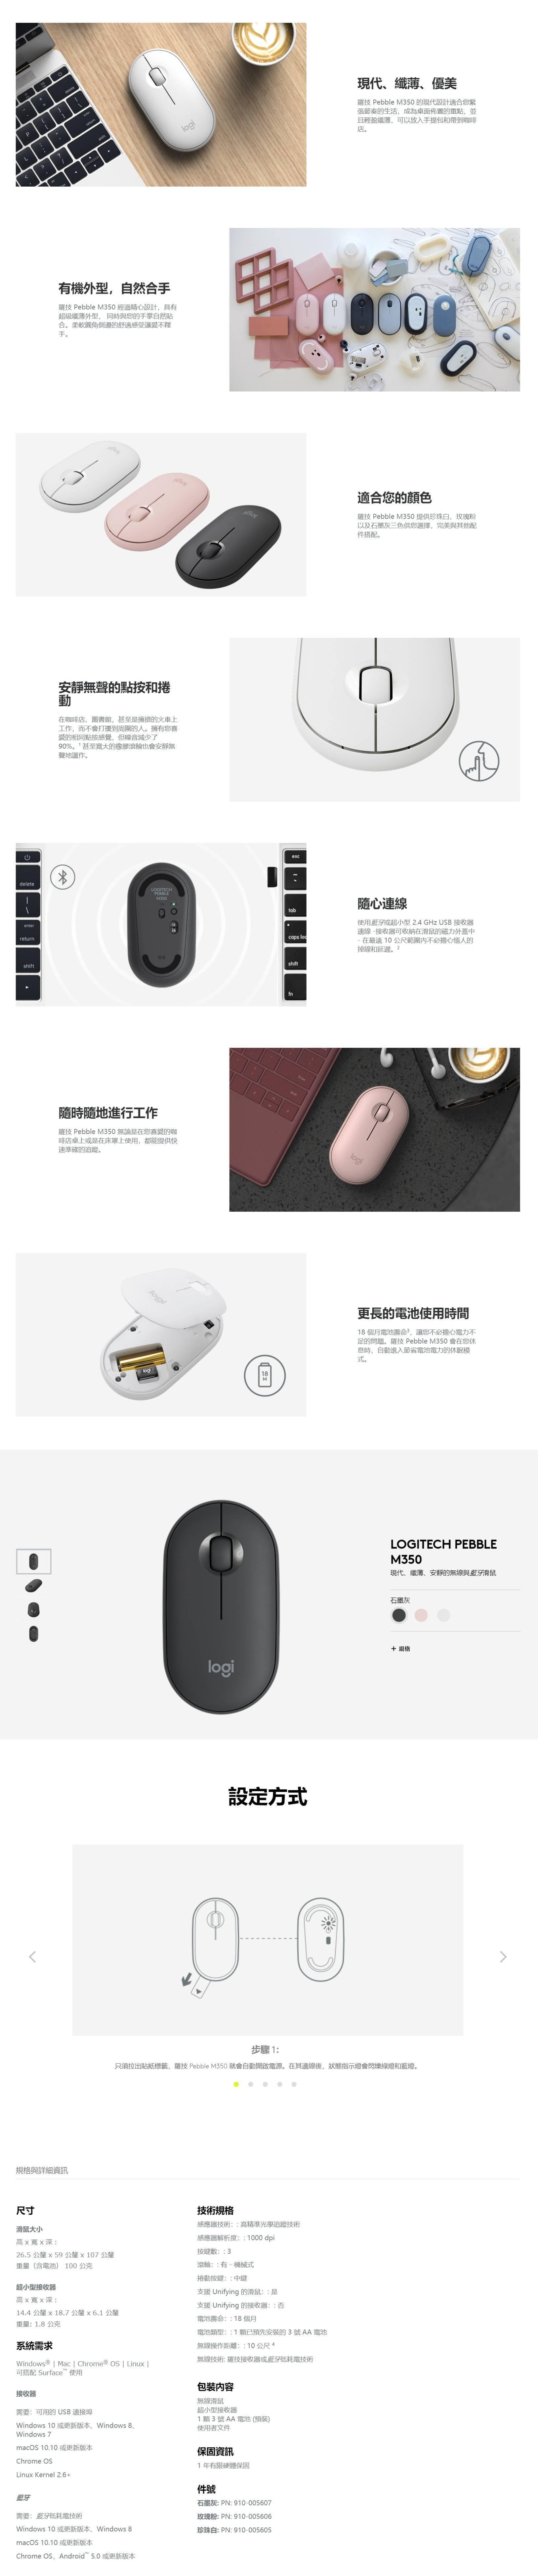 羅技Logitech M350-玫瑰粉-鵝卵石無線滑鼠 910-005606